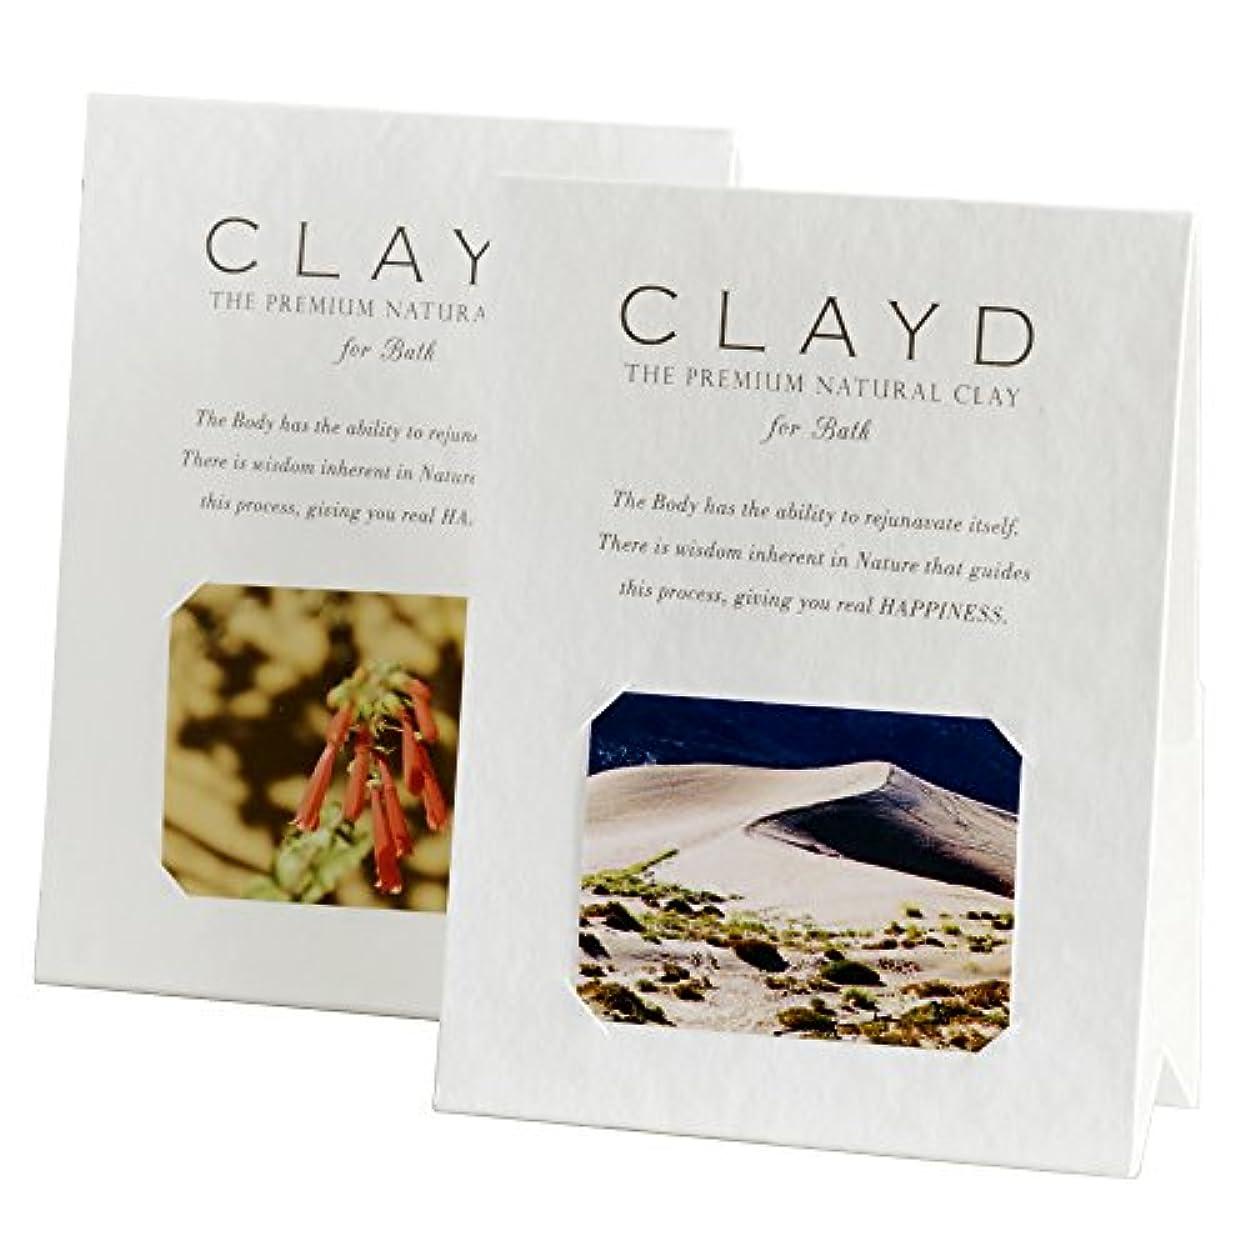 ストリーム読みやすい灌漑CLAYD for Bath(クレイドフォーバス) ONETIME 2個入り